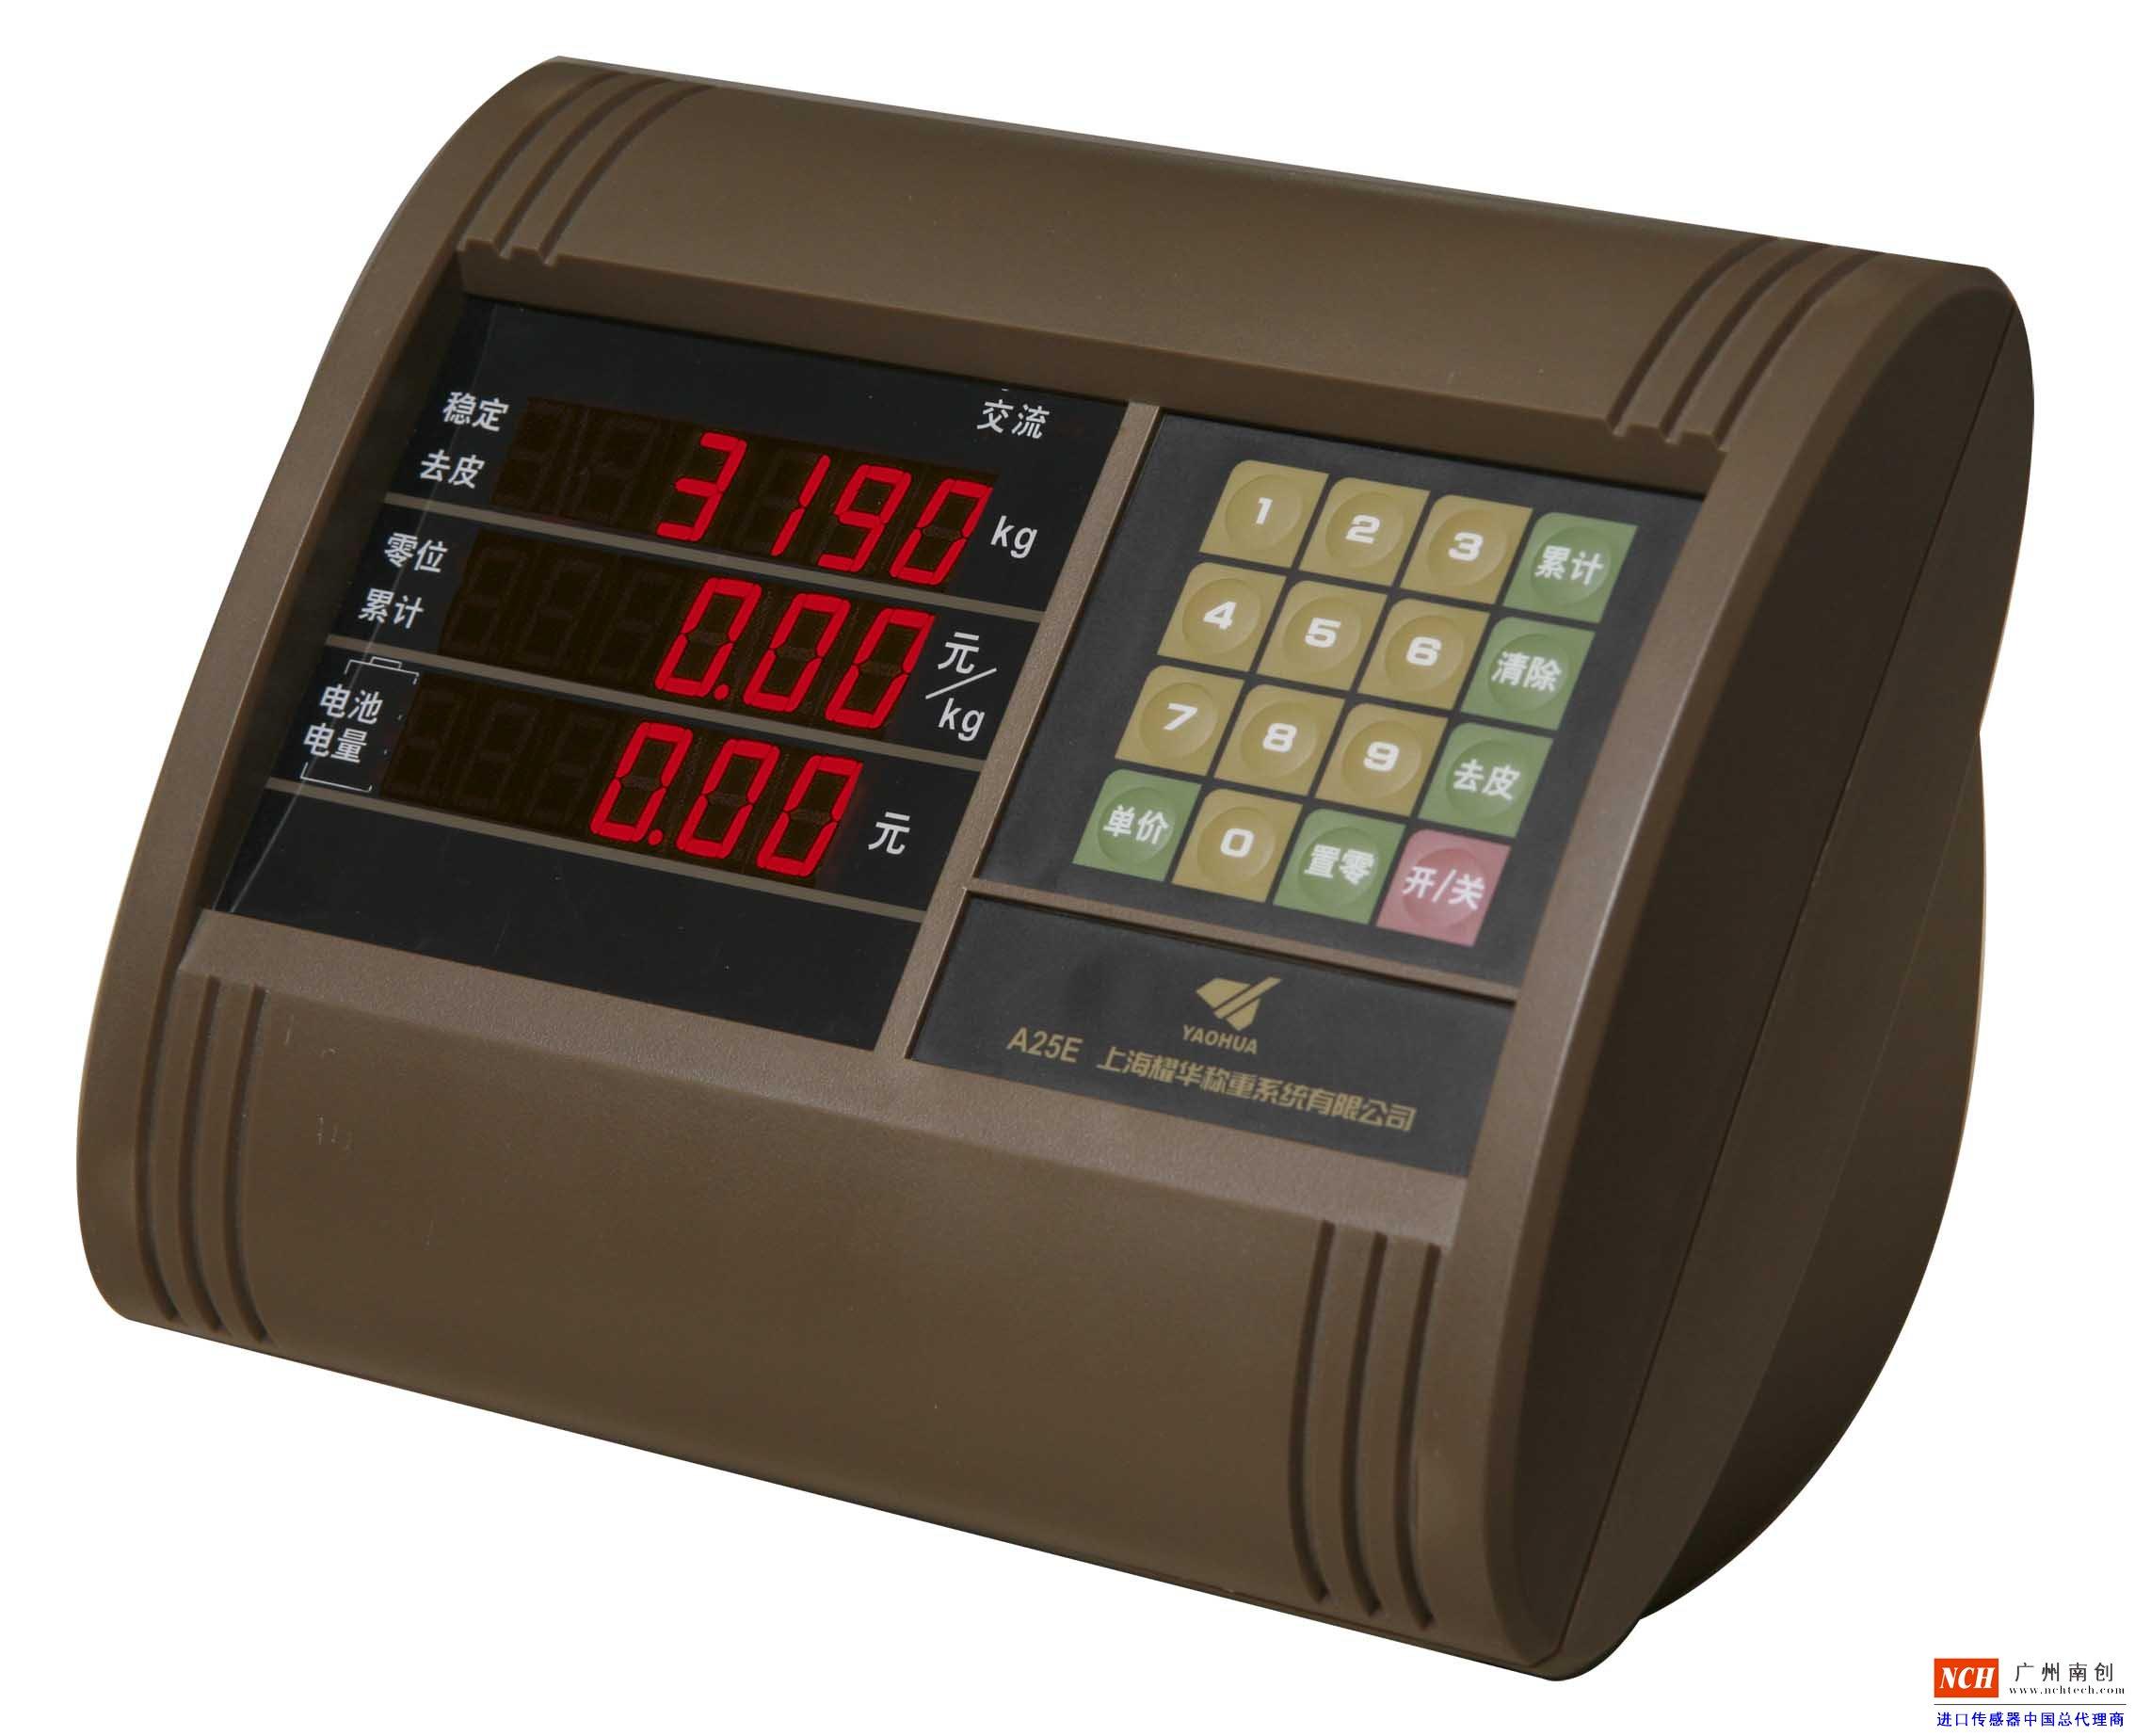 耀华XK3190―A25E台秤仪表_XK3190―A25E称重显示器